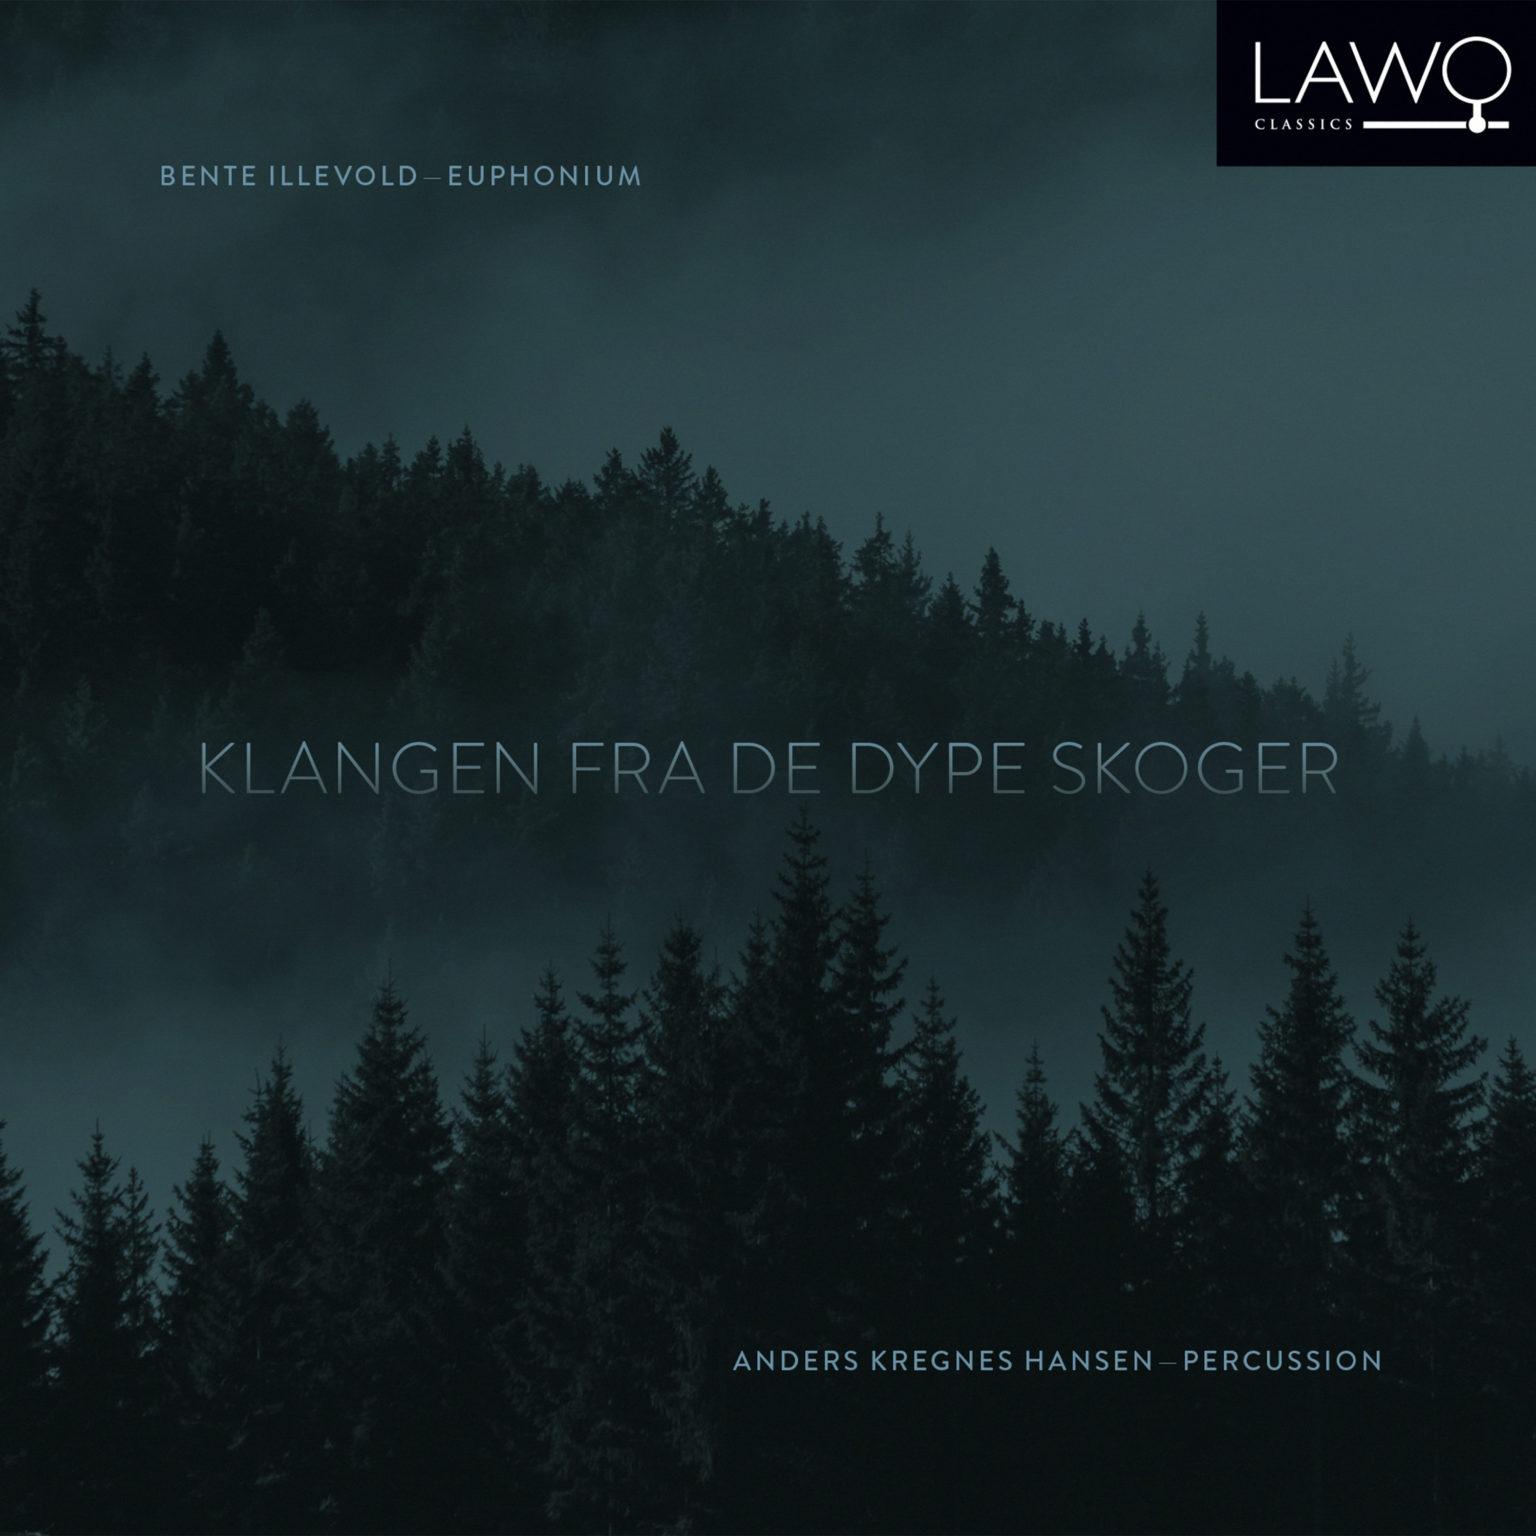 Click image for larger version.  Name:LWC1195_Bente_Illevold_Klangen_fra_de_dype_skoger_cover_3000x3000px-1536x1536.jpg Views:193 Size:174.8 KB ID:7720